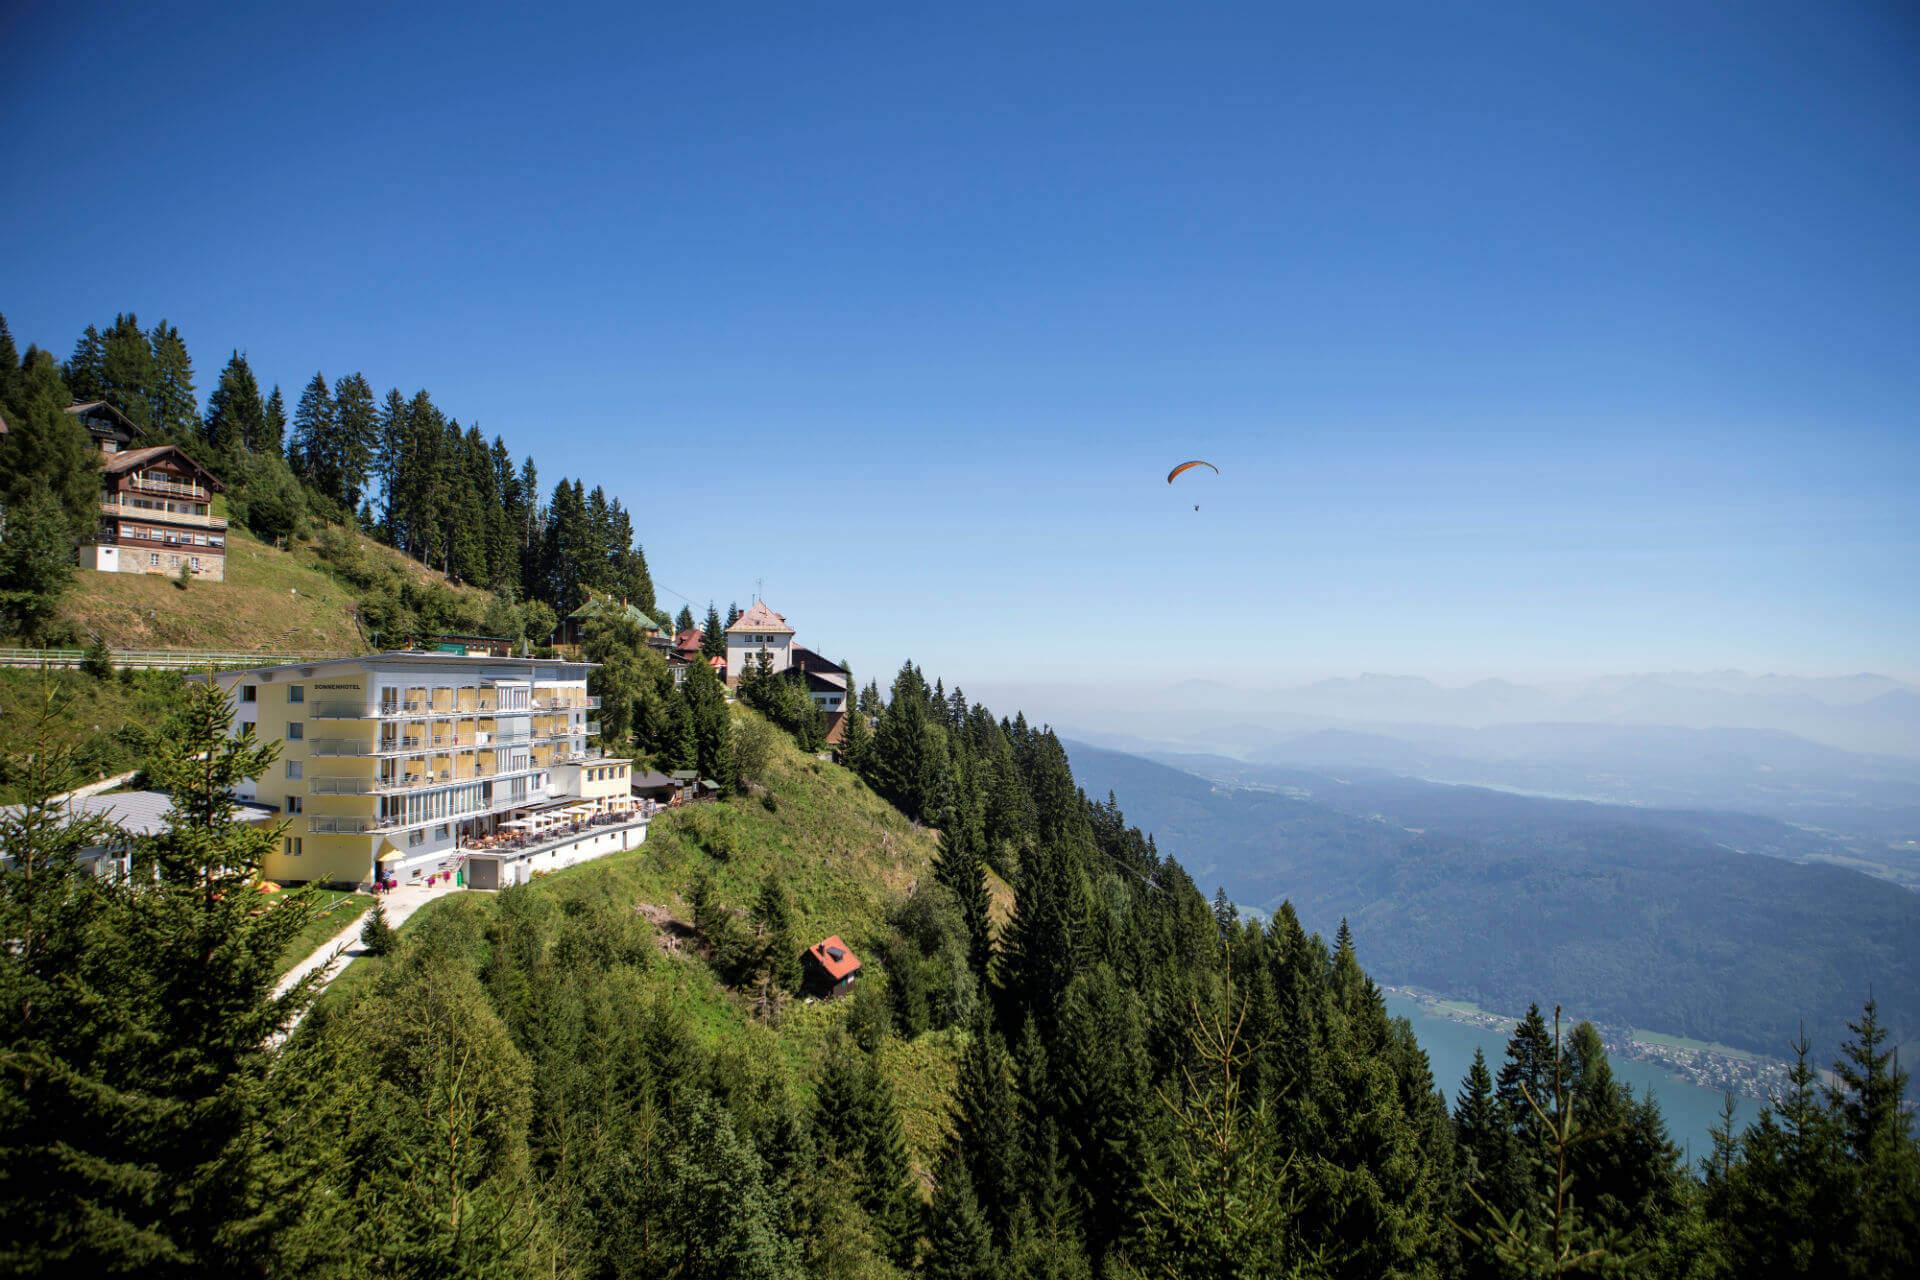 Hotel Sommer Paragleiter see.jpg